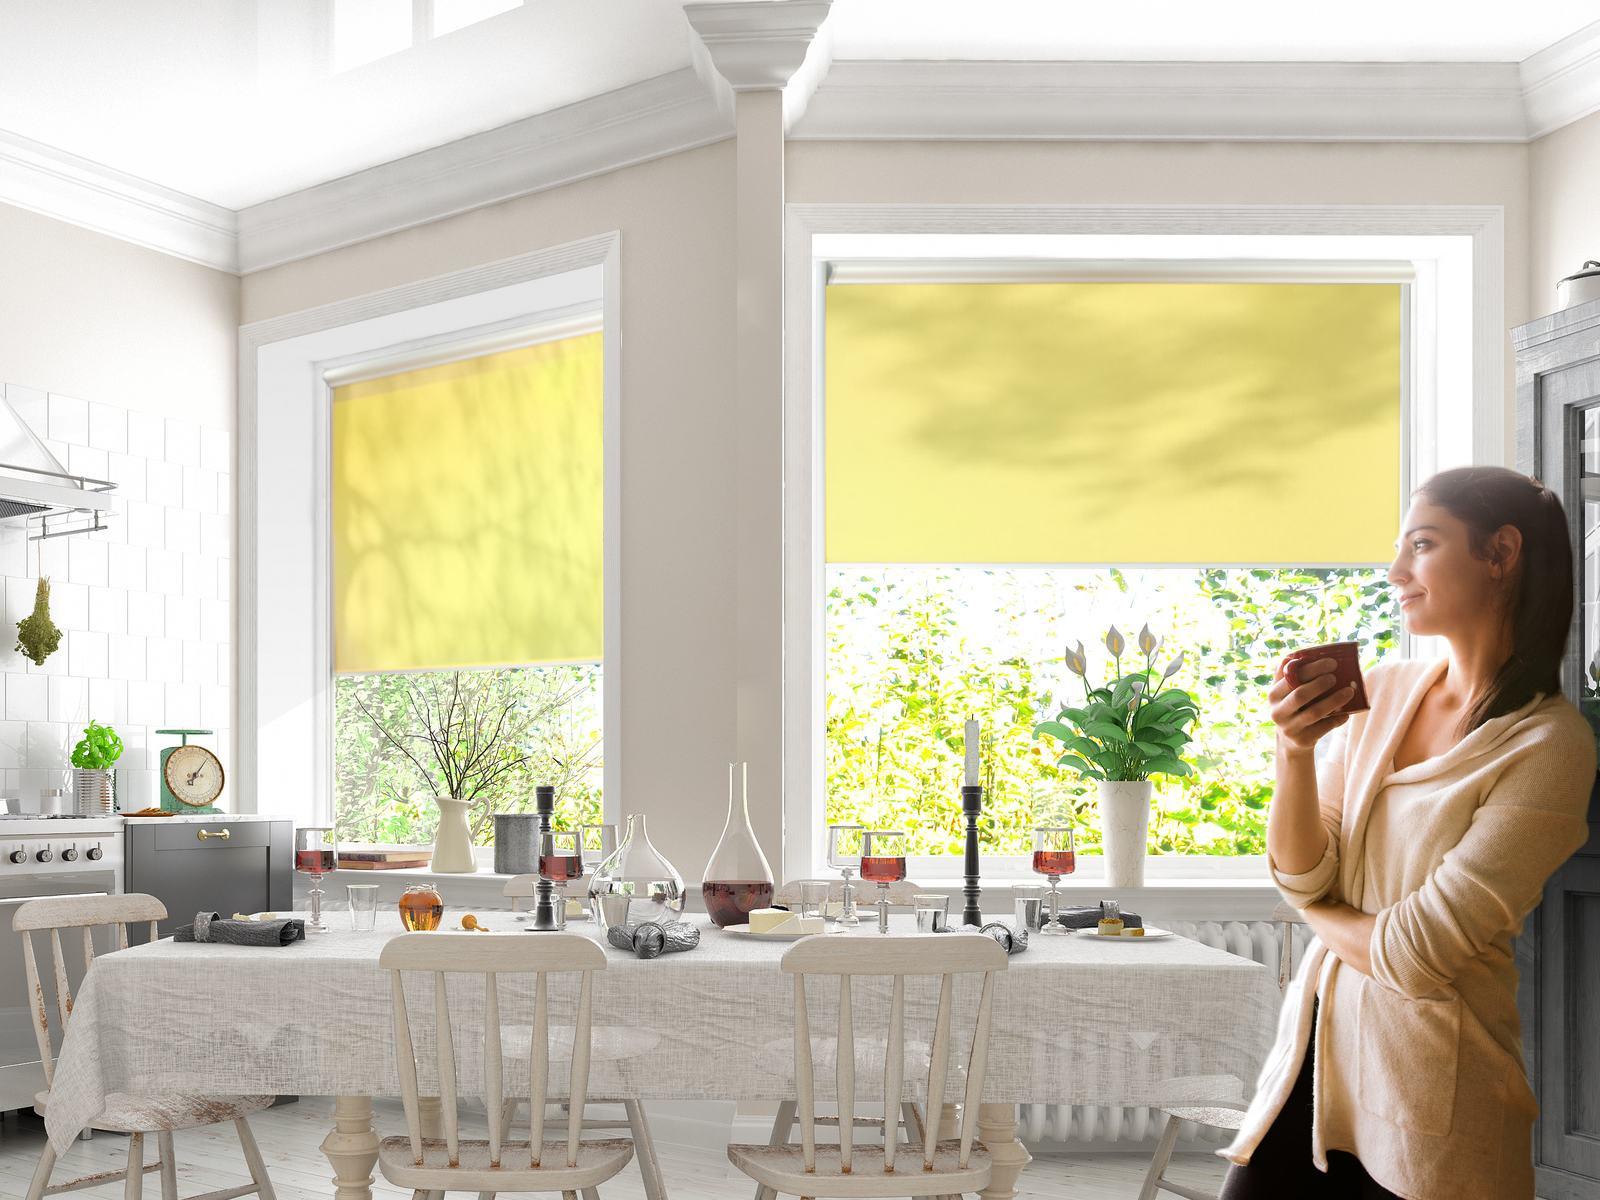 Full Size of Jalousie Innen Fenster Sicherheitsfolie Teleskopstange Braun Konfigurieren Obi Velux Rollo Sicherheitsbeschläge Nachrüsten Sonnenschutz Insektenschutz Für Wohnzimmer Jalousie Innen Fenster